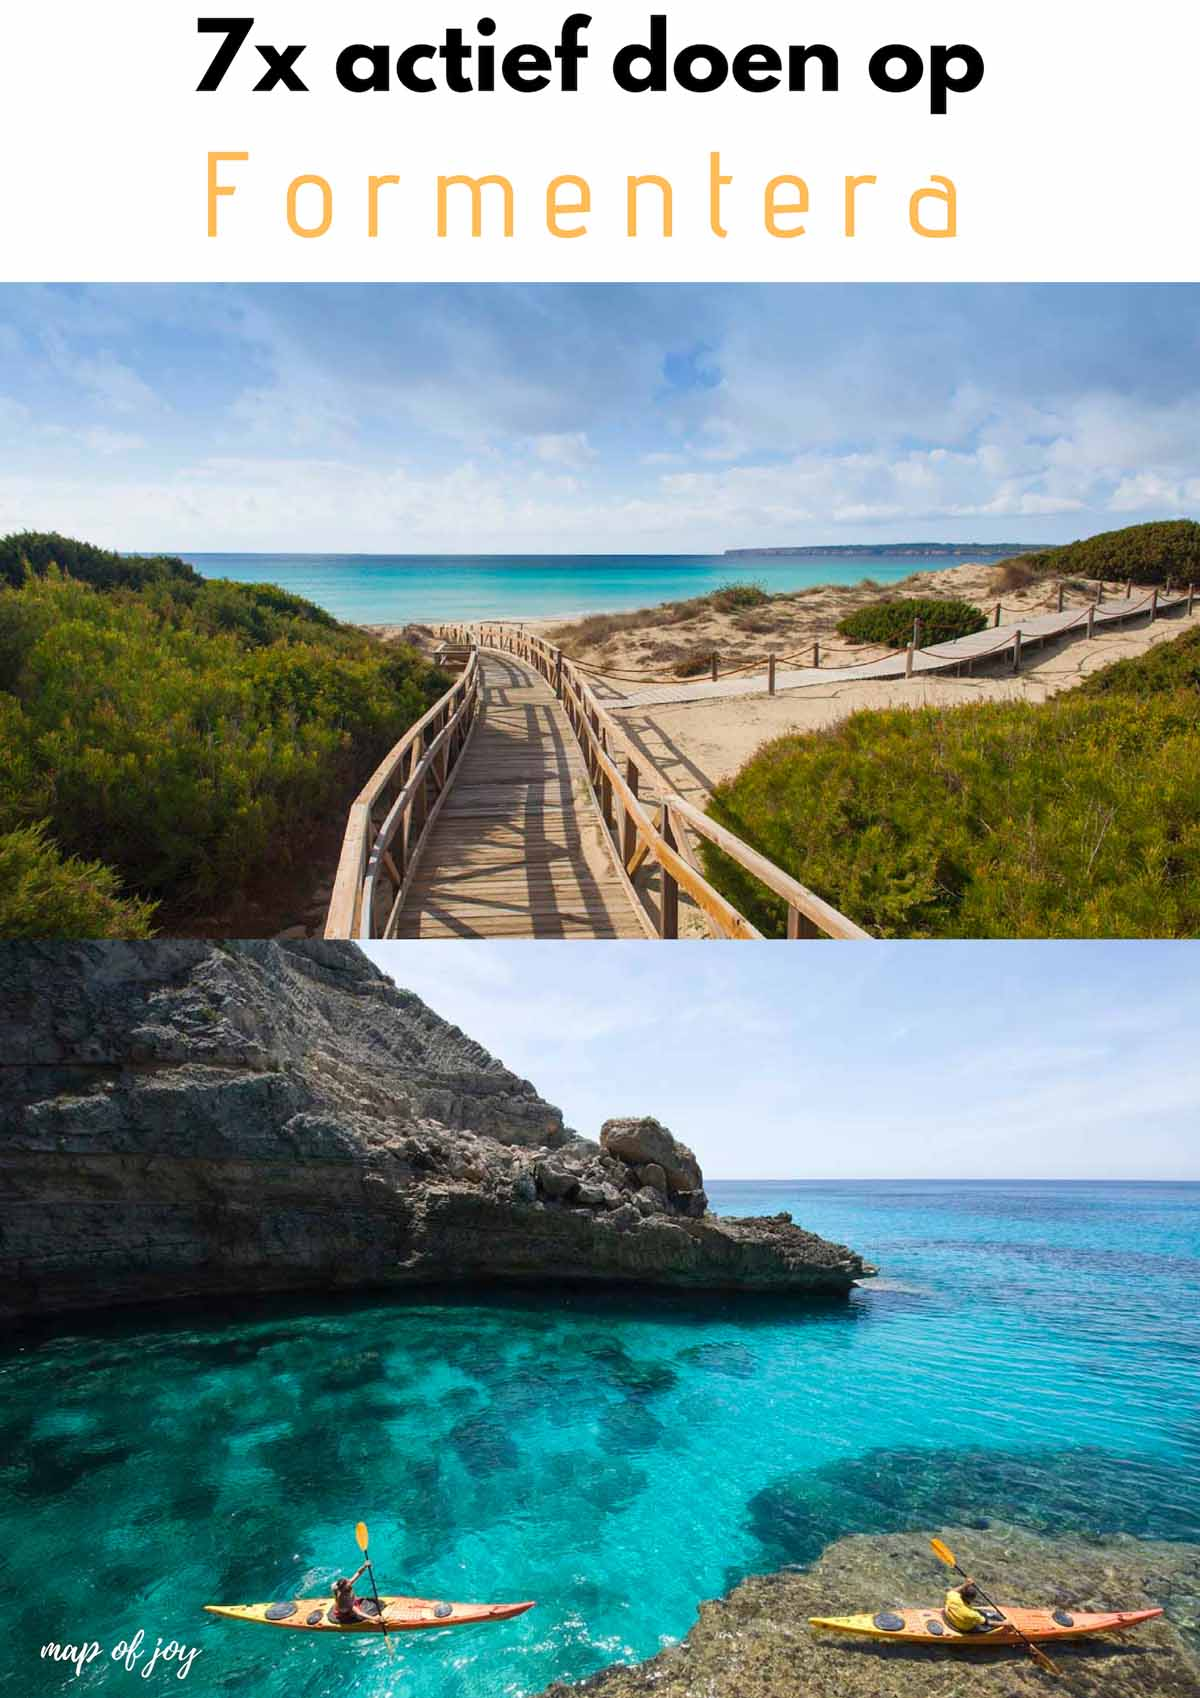 7x actief doen op Formentera - Map of Joy